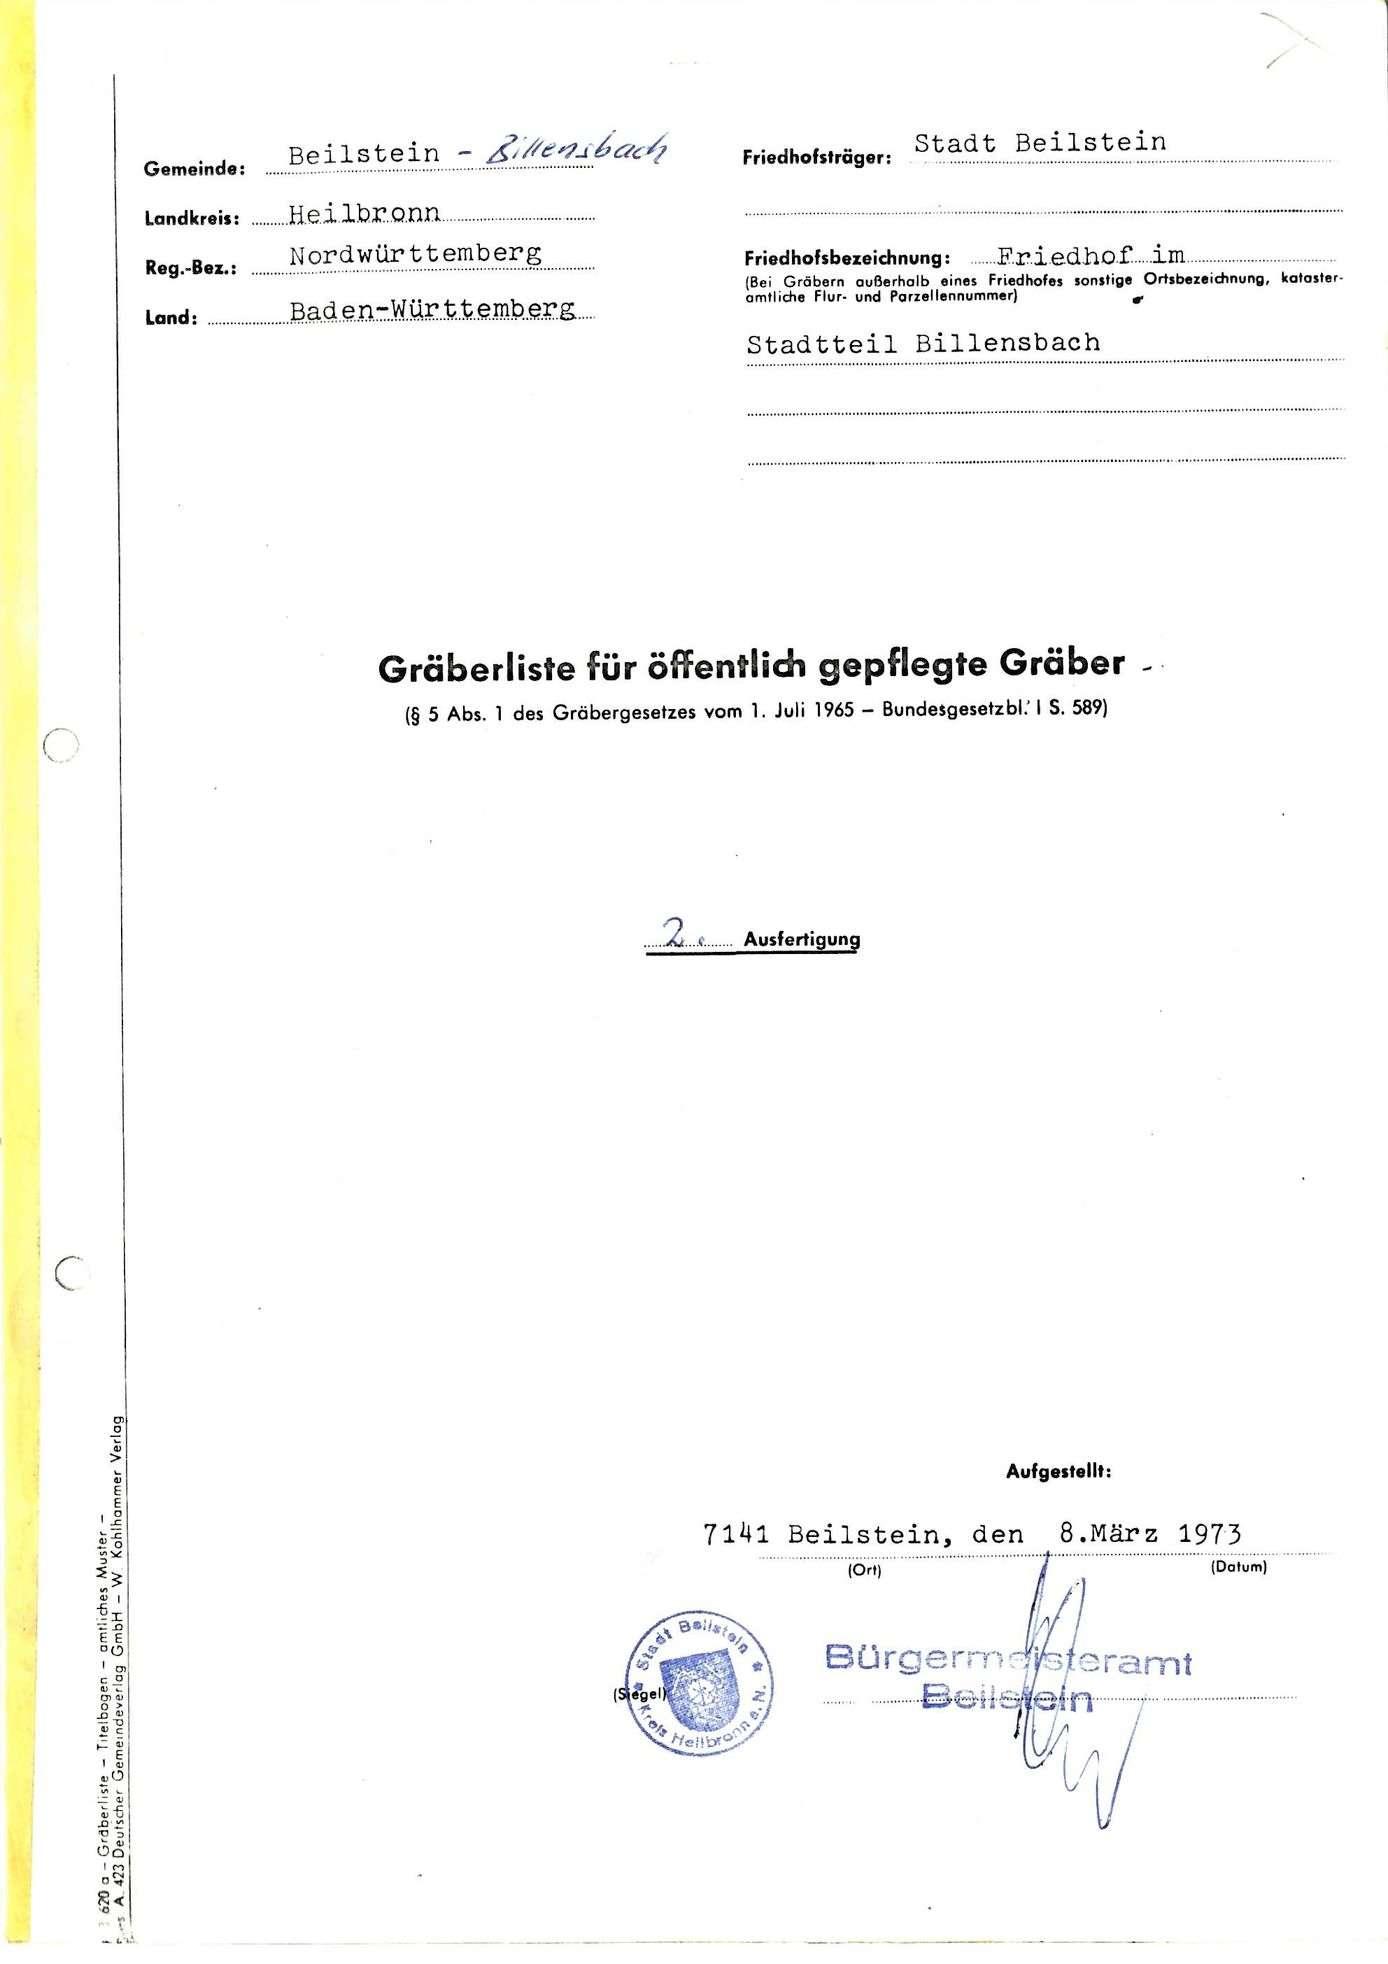 Billensbach, Bild 1